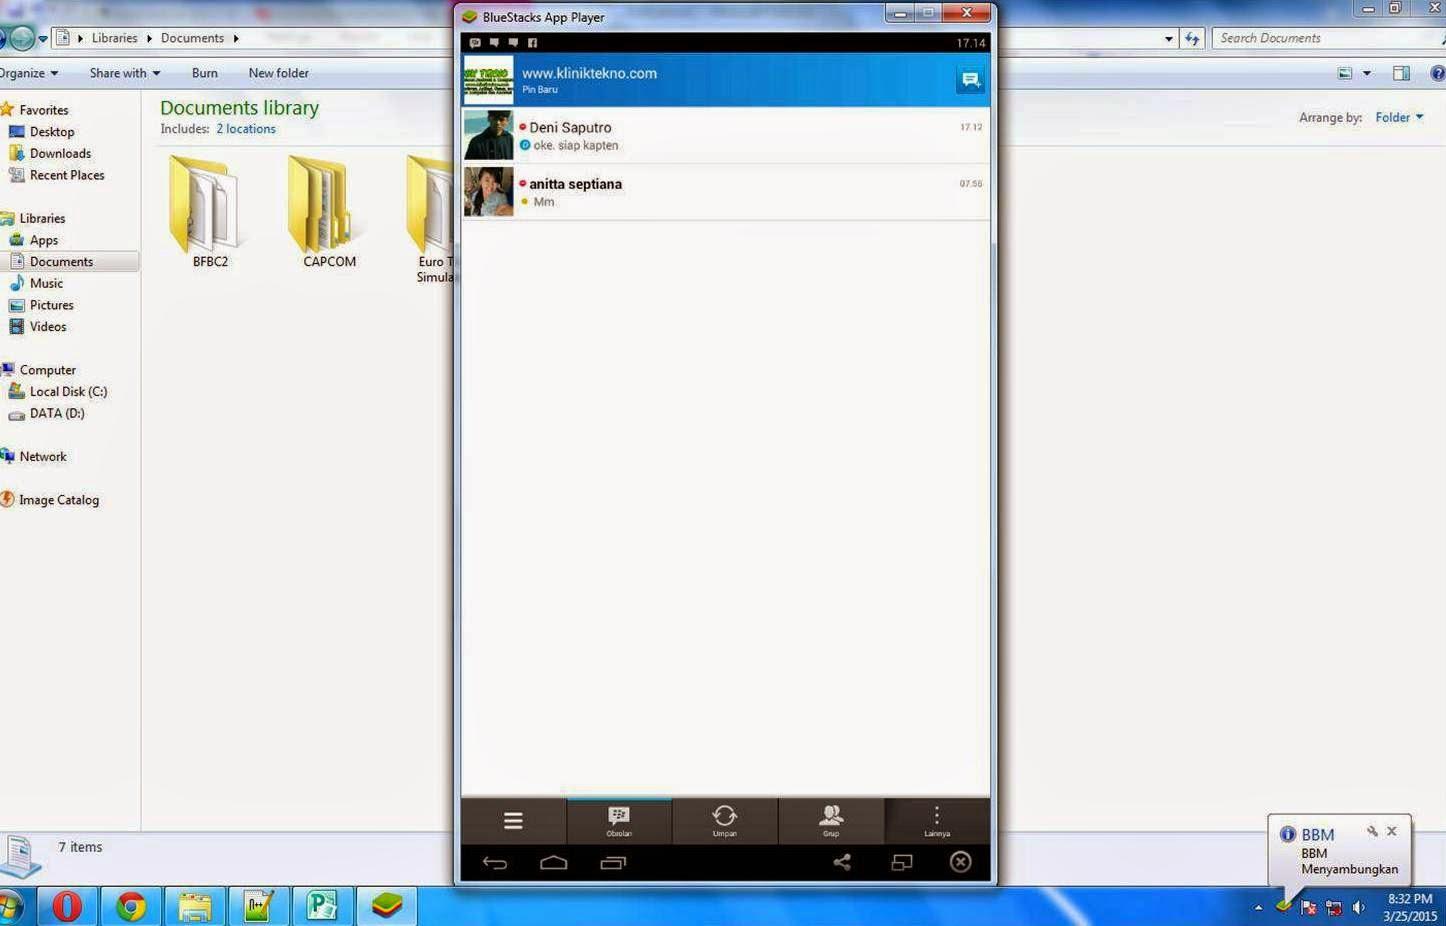 Cara Terbaru Instal Aplikasi BBM Android Di PC Atau Untuk Komputer dengan mudah dan simple